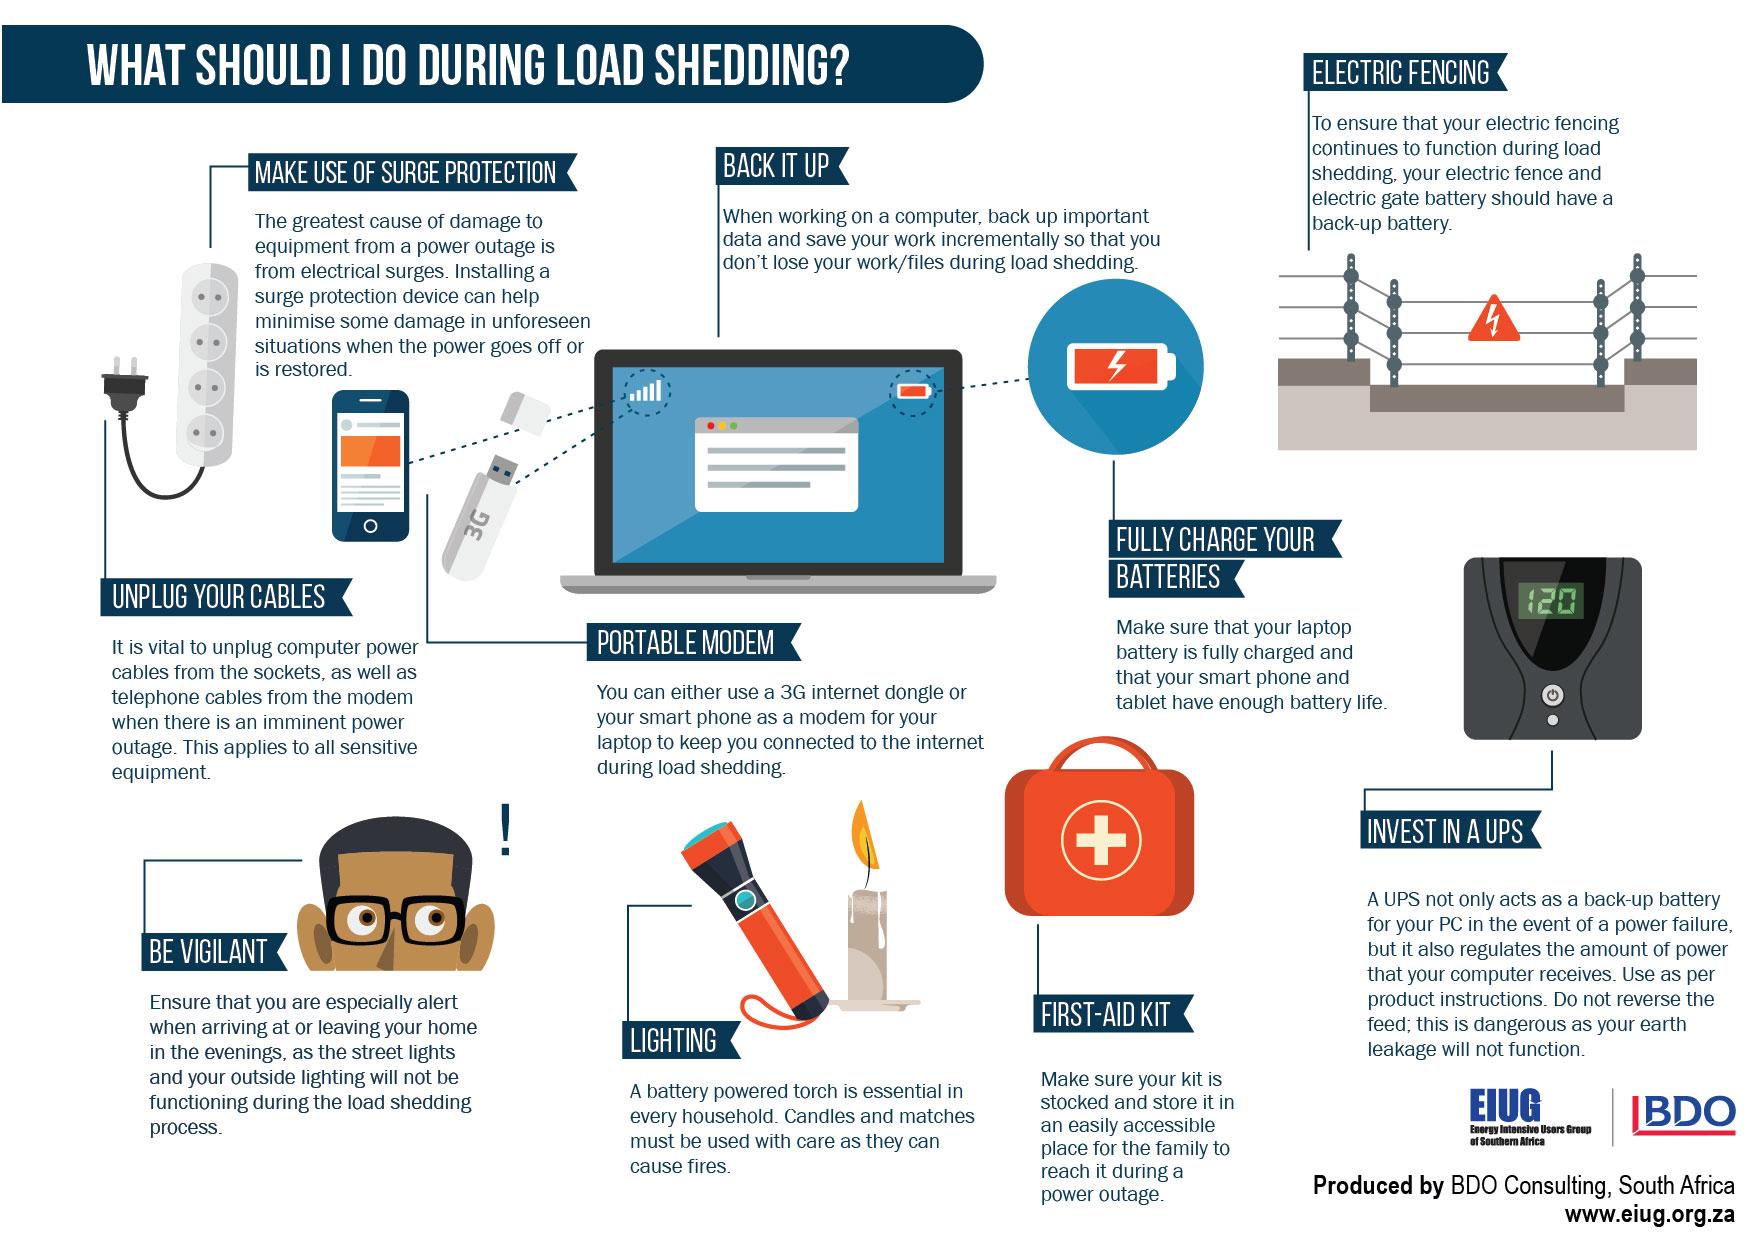 What Should I Do During Load Shedding